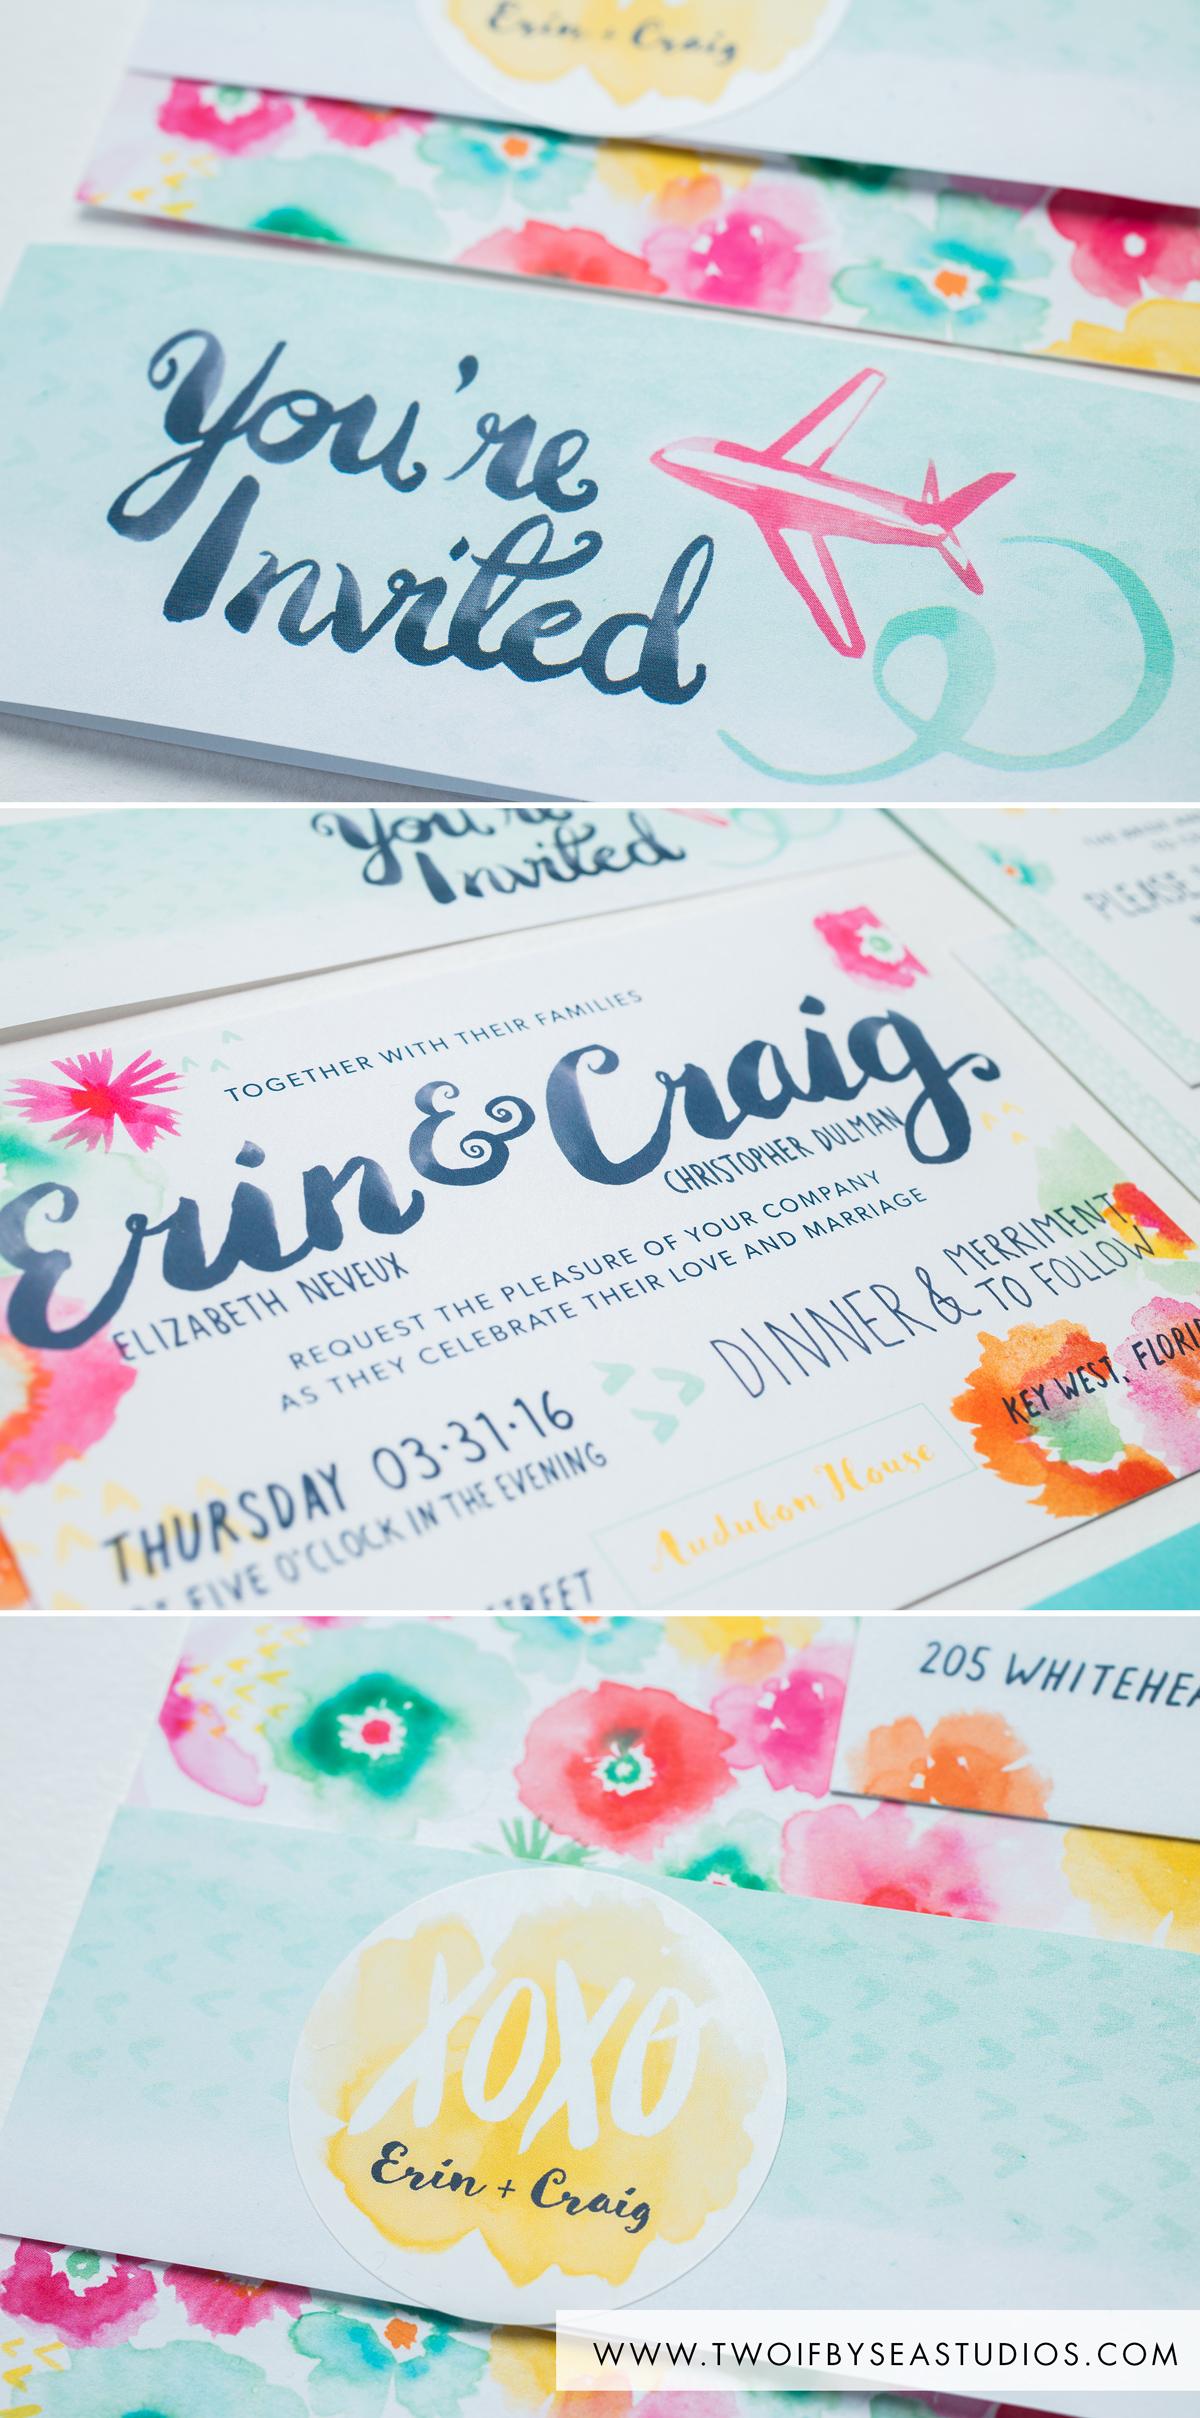 TwoifbySeaStudios-Watercolor-Floral-Invitations-Key-West.jpg